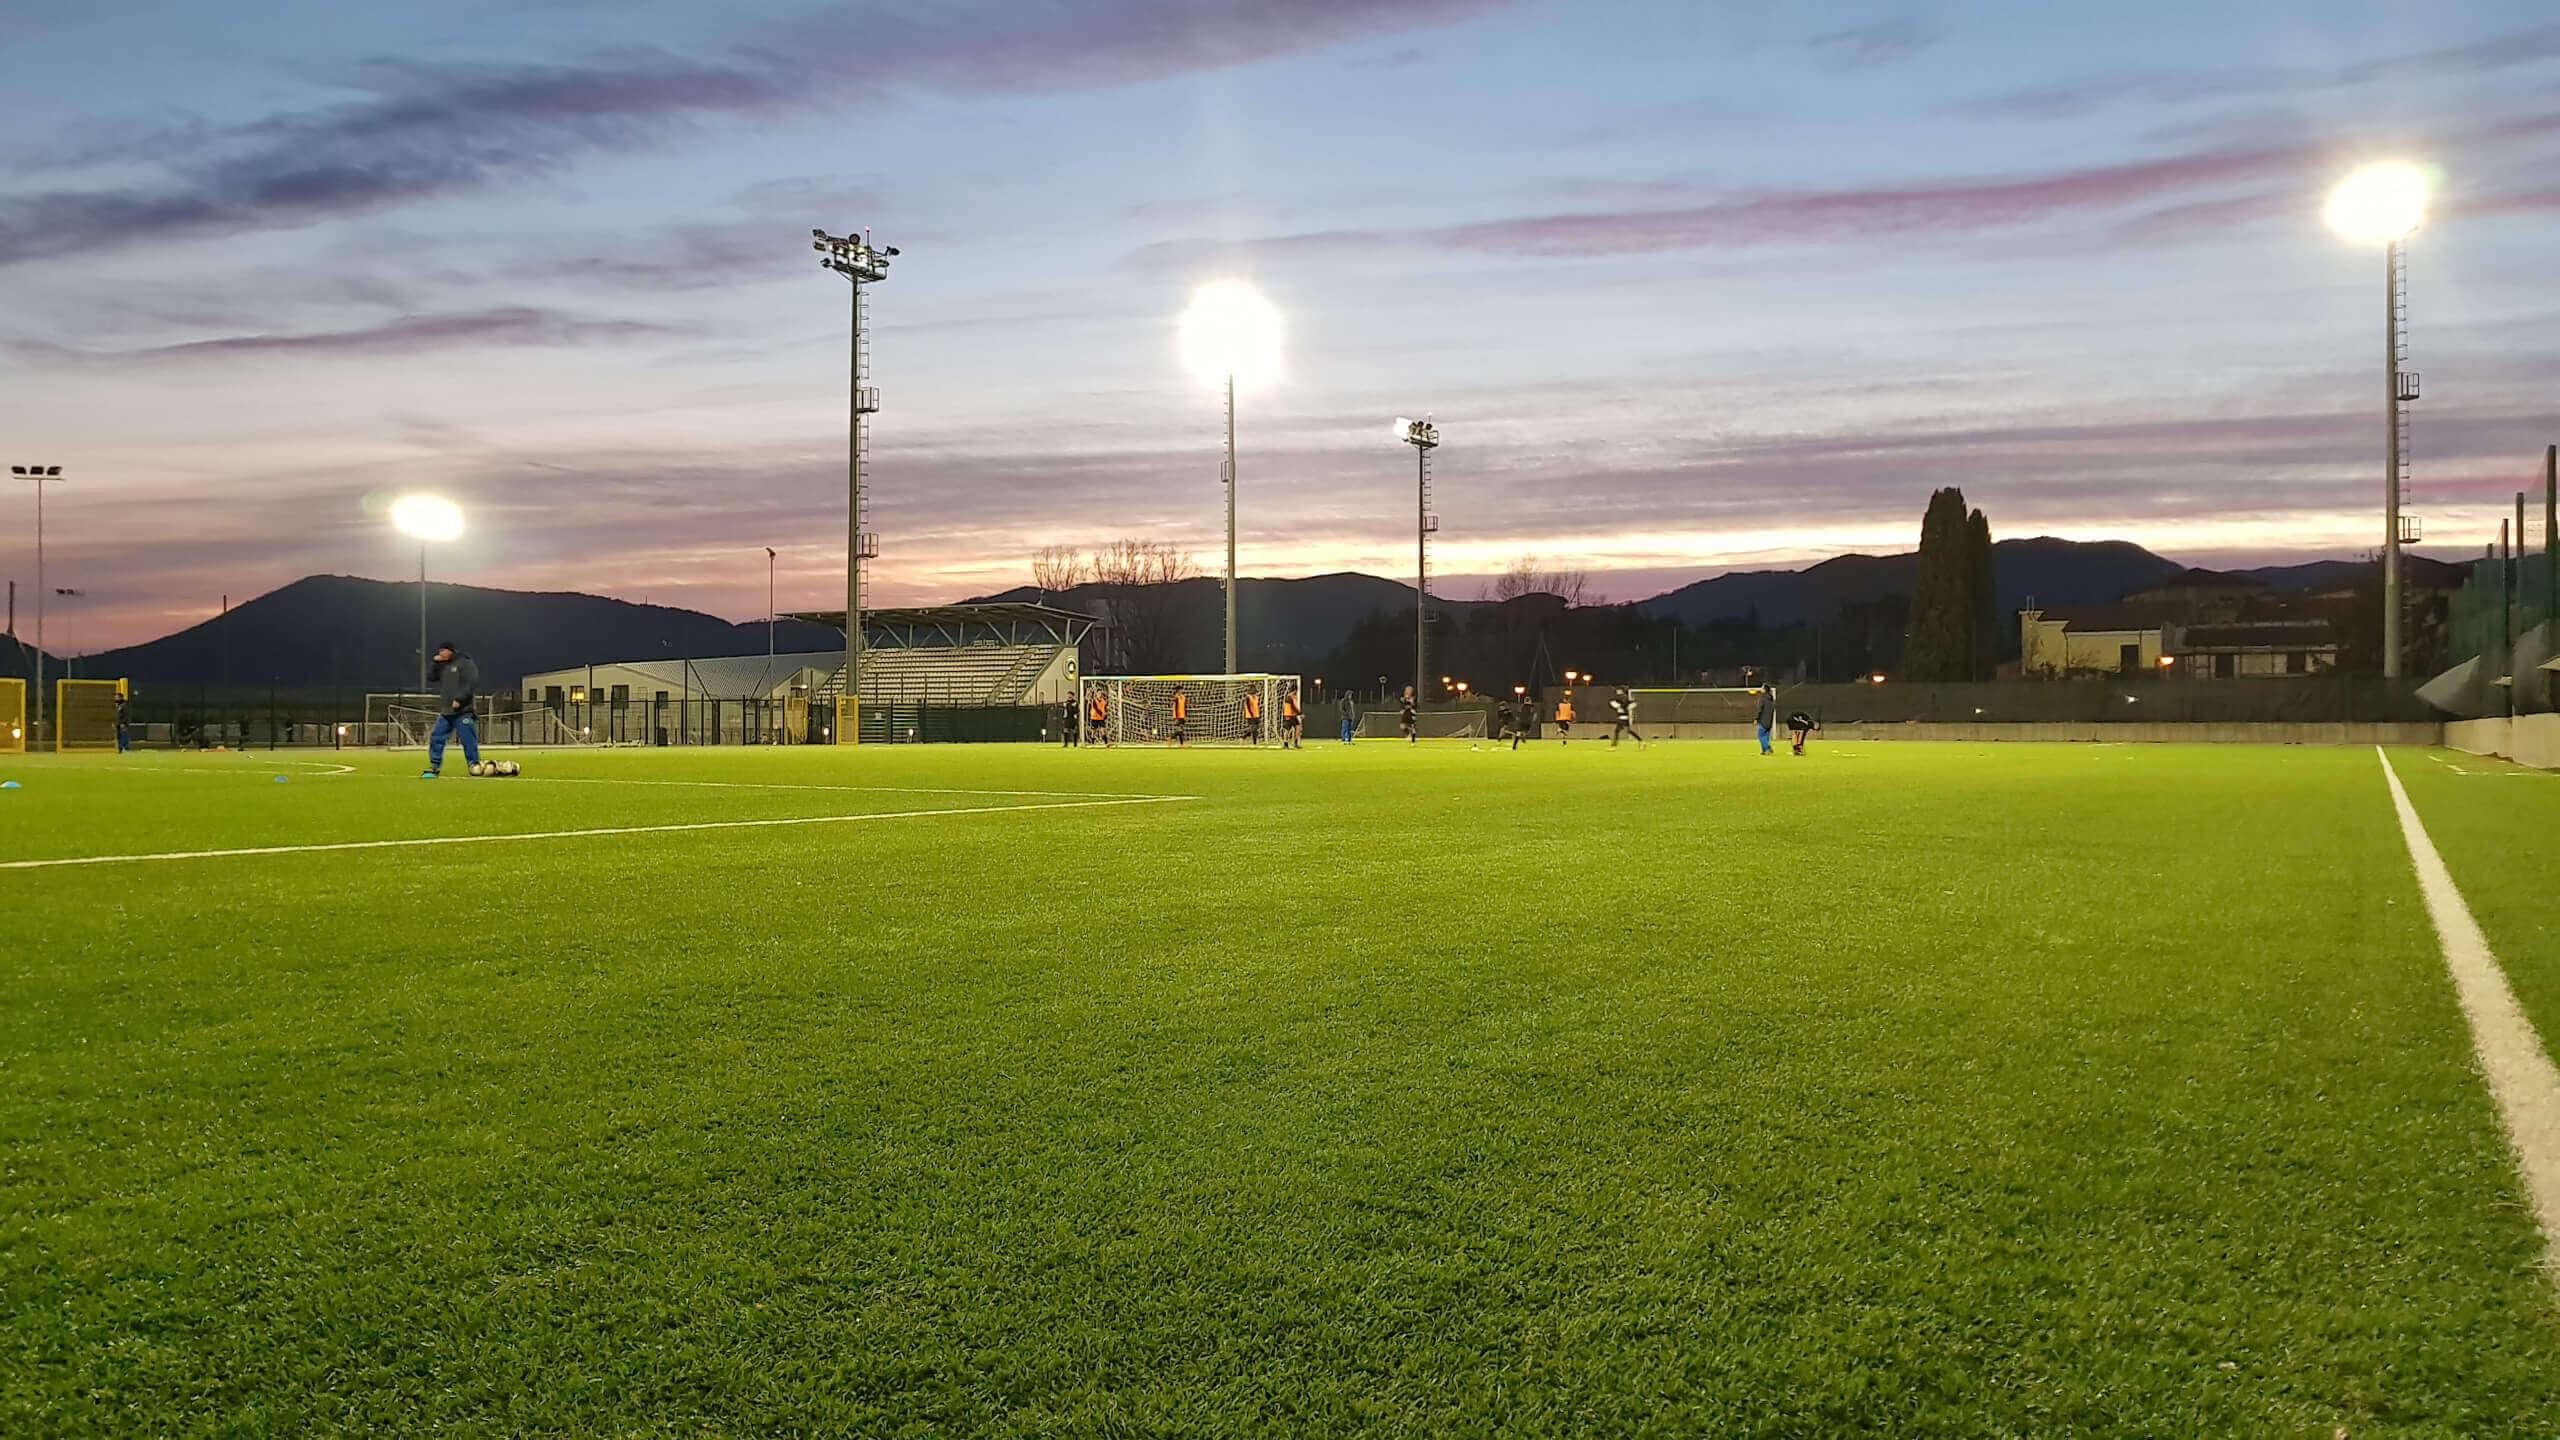 Centro-sportivo-ferdeghini-spezia-calcio-5